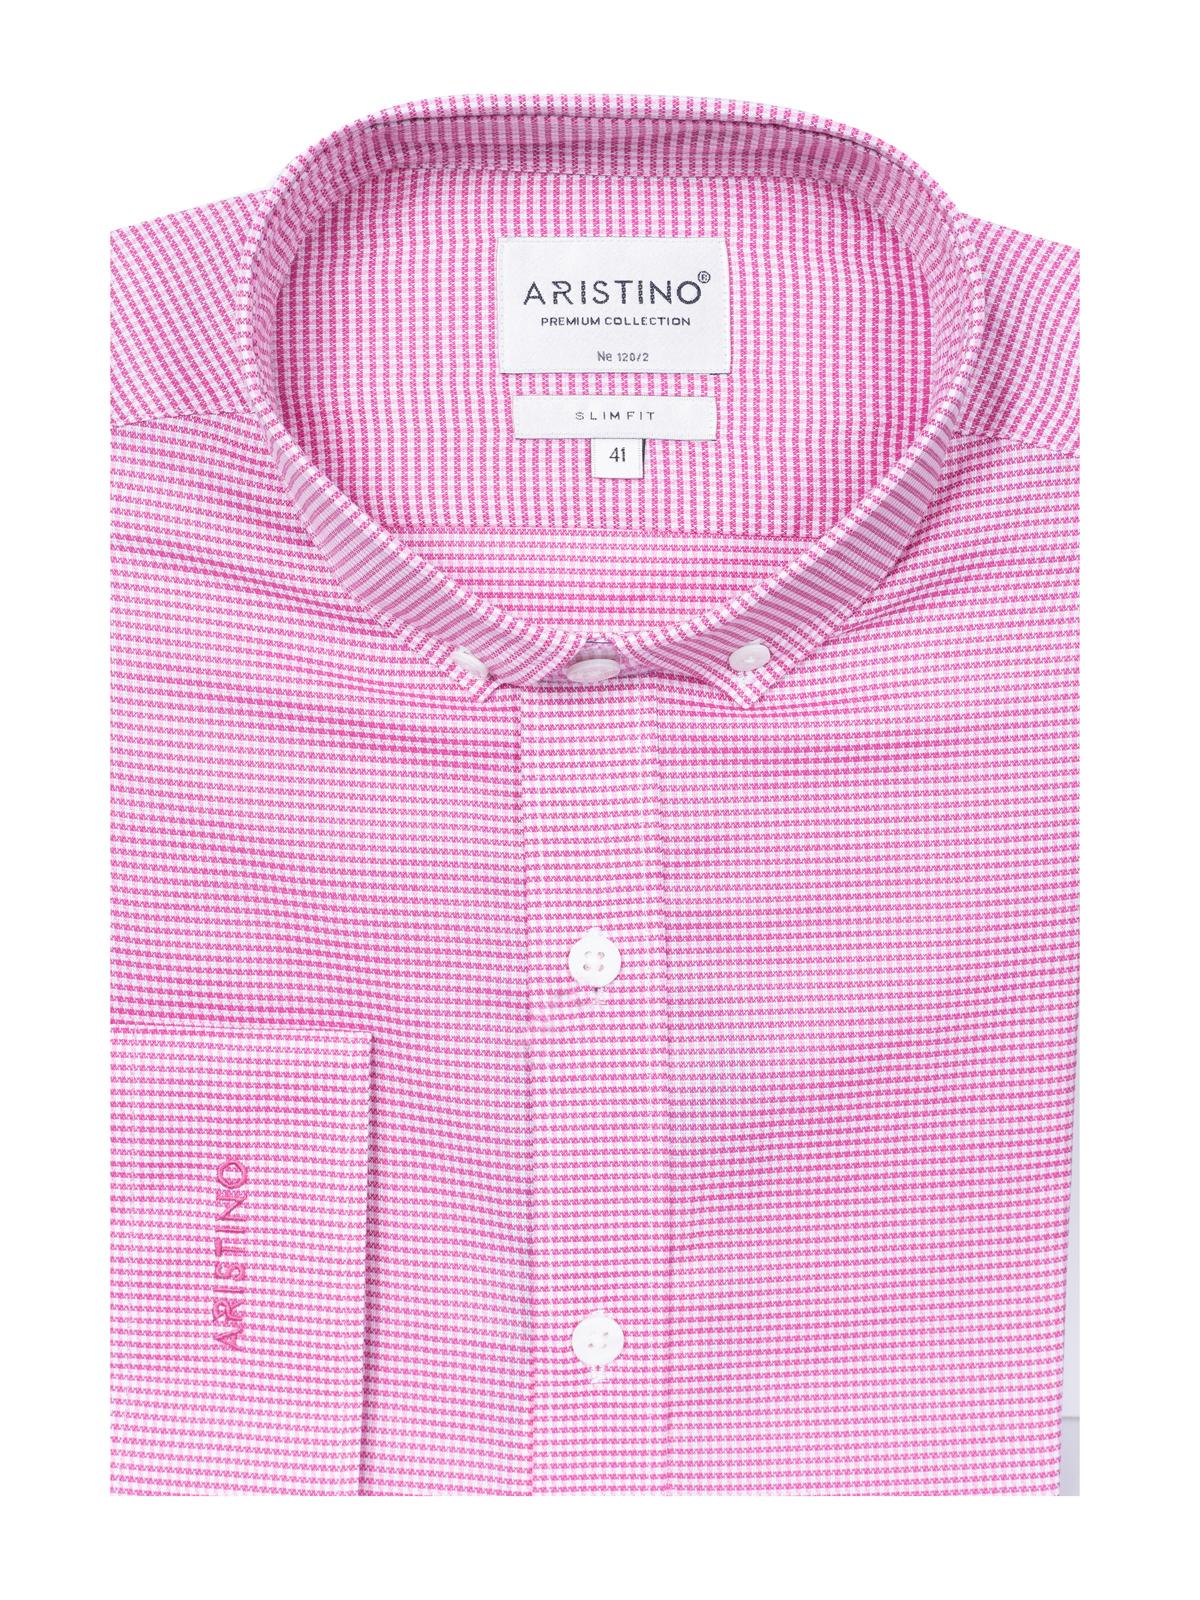 Áo sơ mi nam sọc hồng trắng Aristino ALS17-CO29